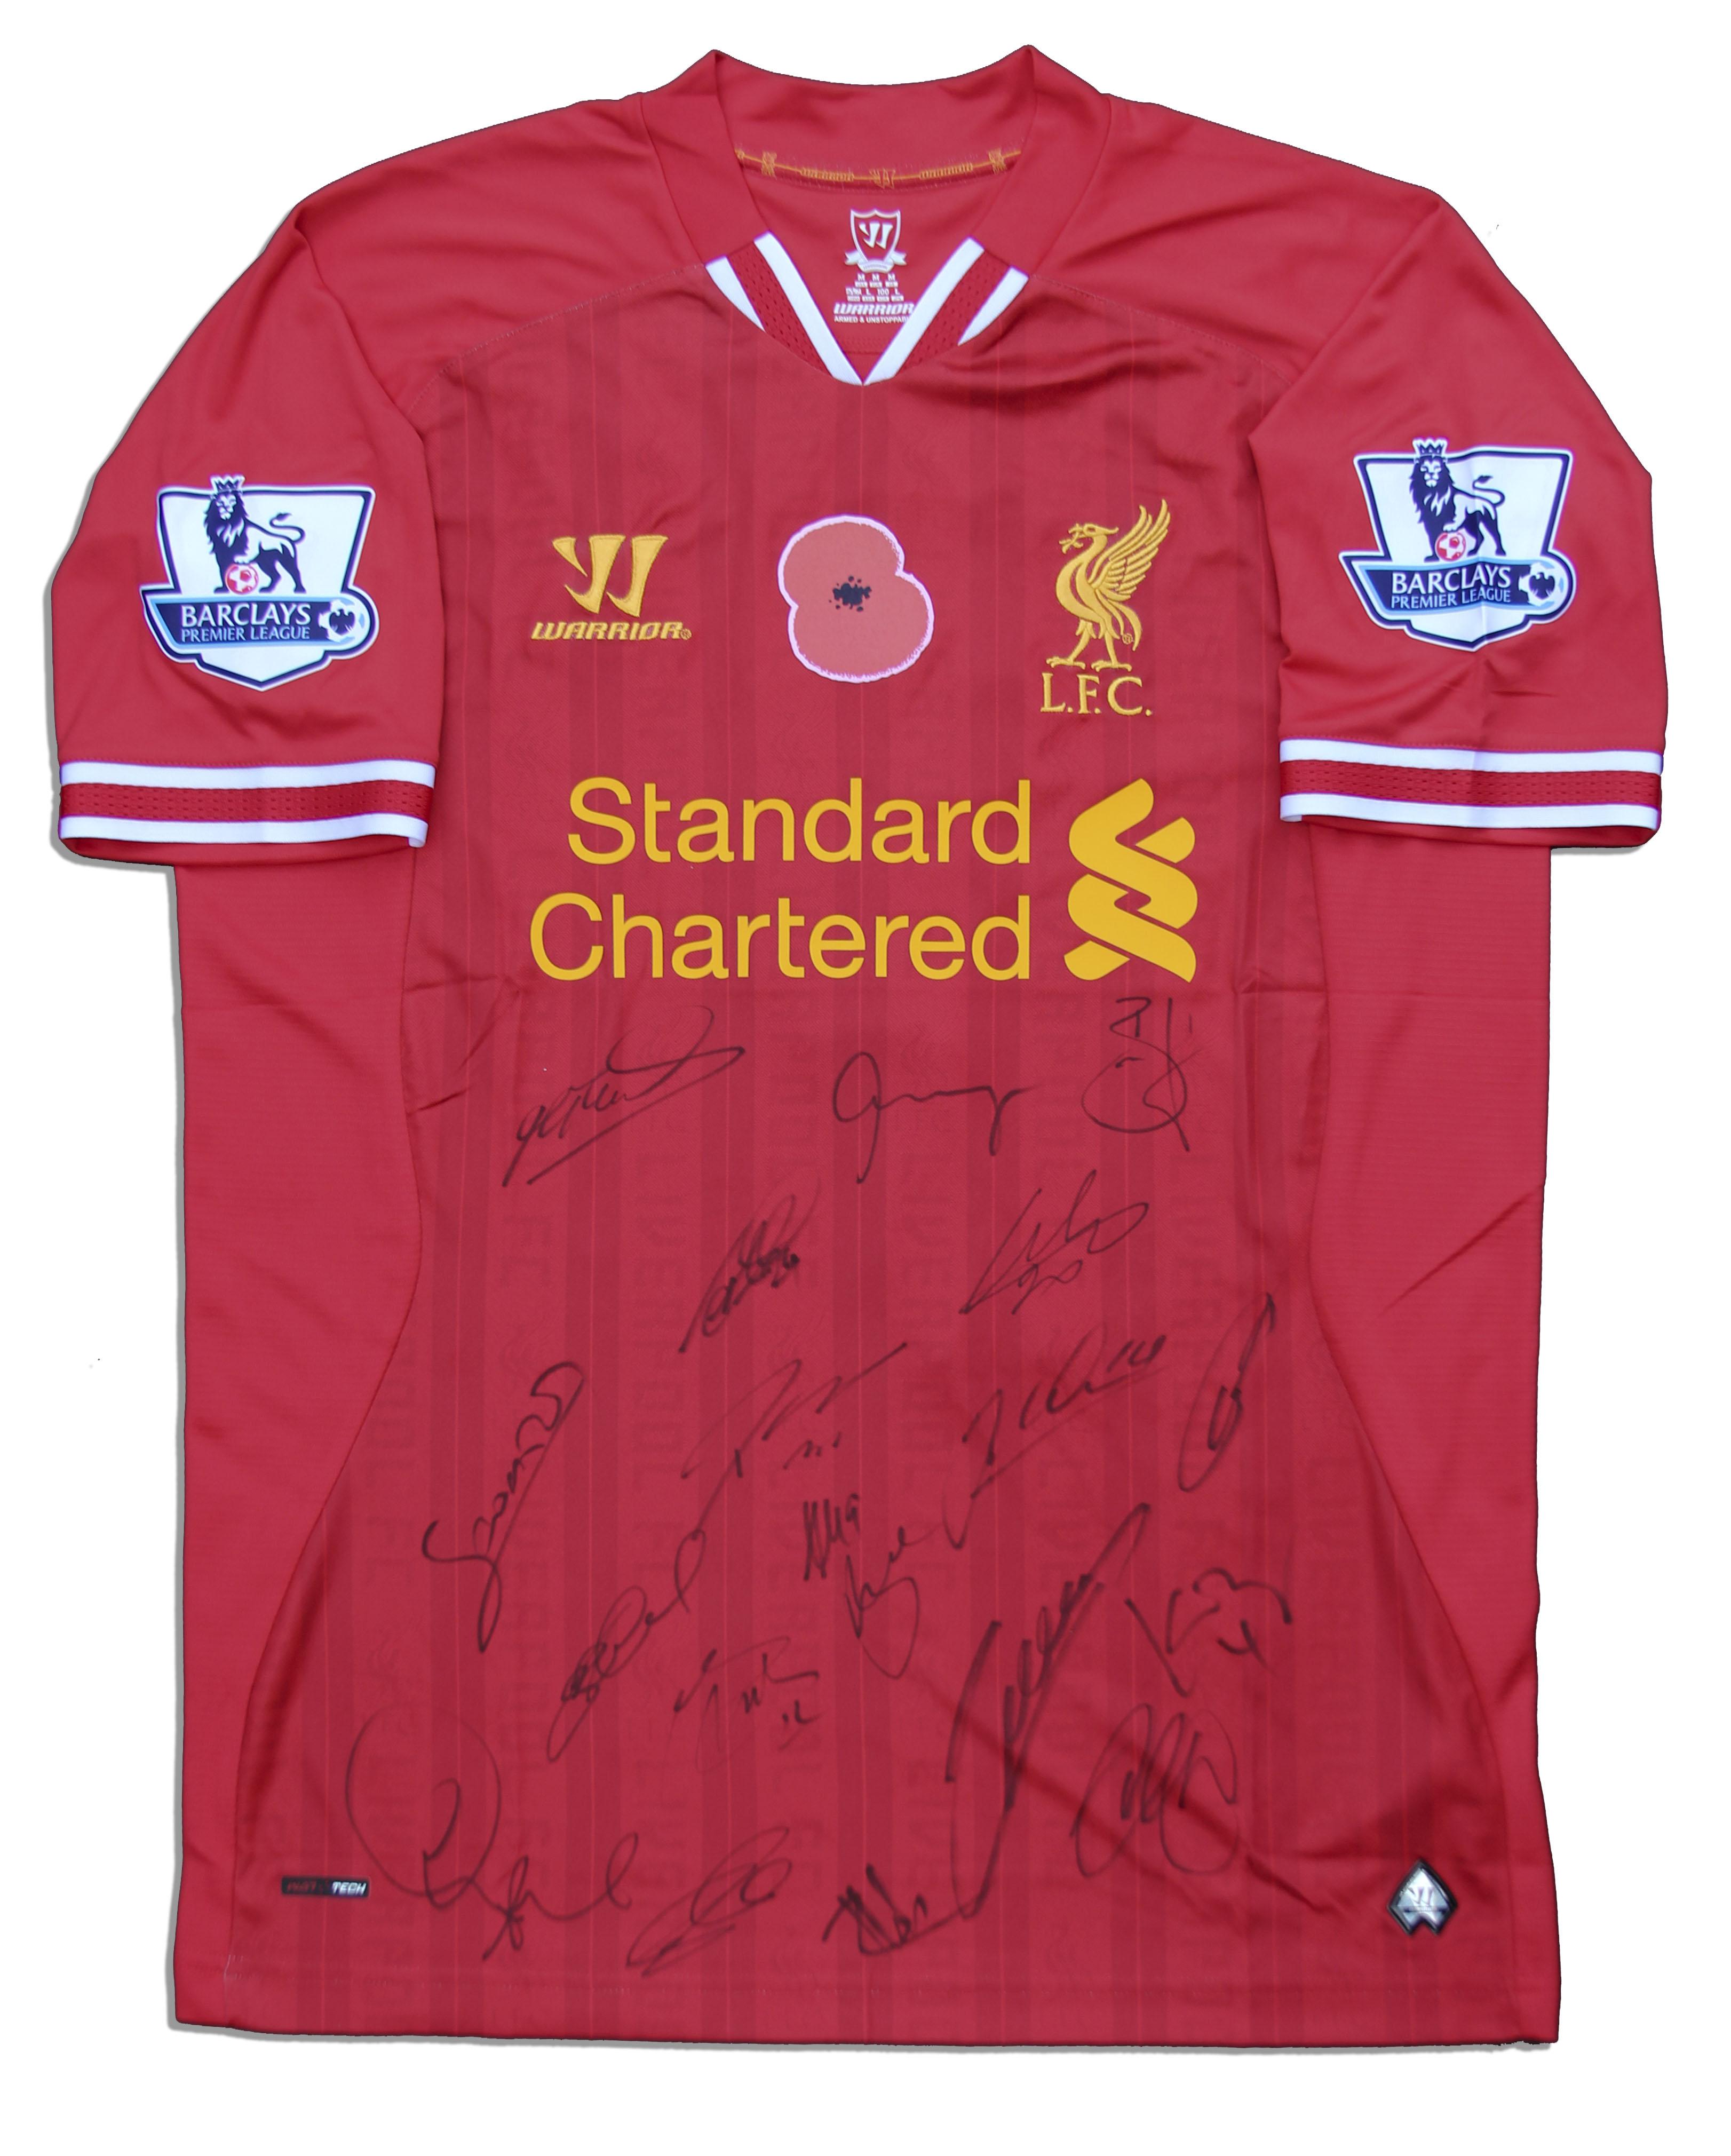 separation shoes 23478 55926 Lot Detail - Liverpool's Luis Suarez Match Worn Shirt ...